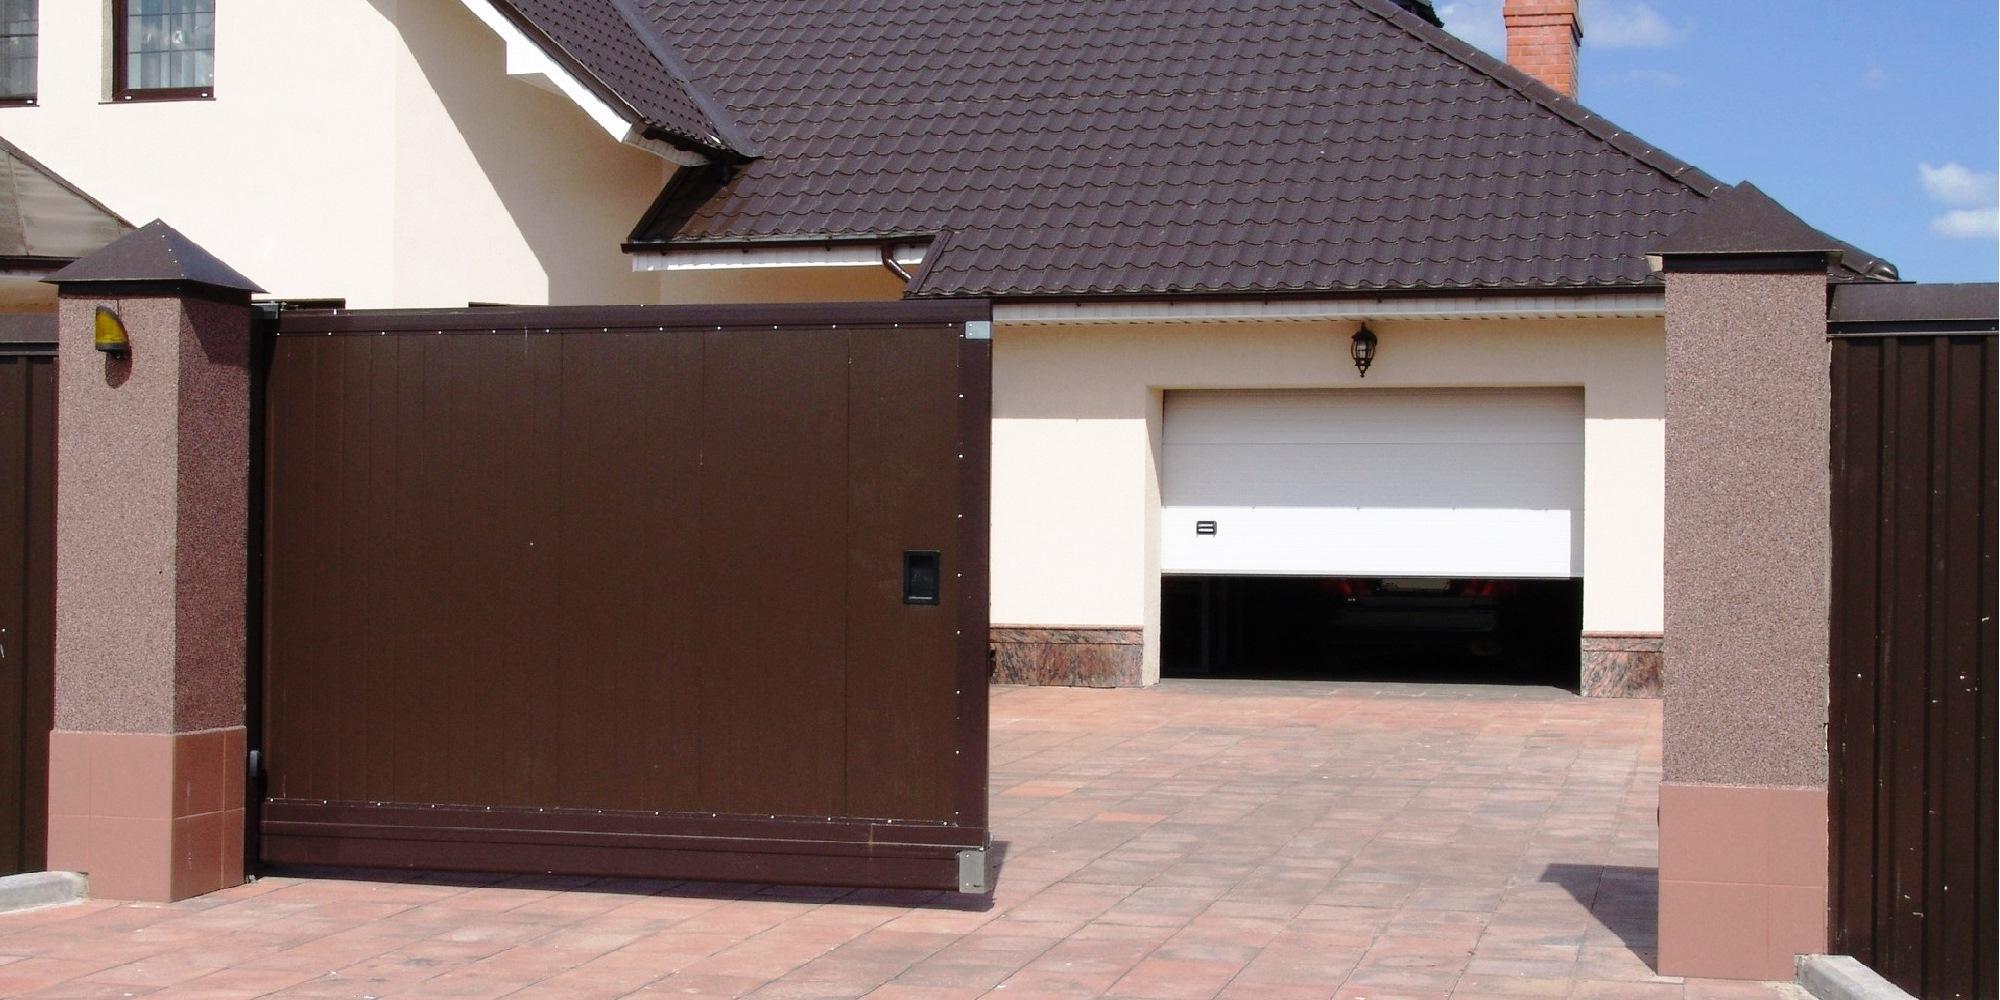 Гаражные и уличные ворота – тема материала в рамках которого мы внимательно изучим типы данных вариантов оградительных конструкций, а также их особенности.